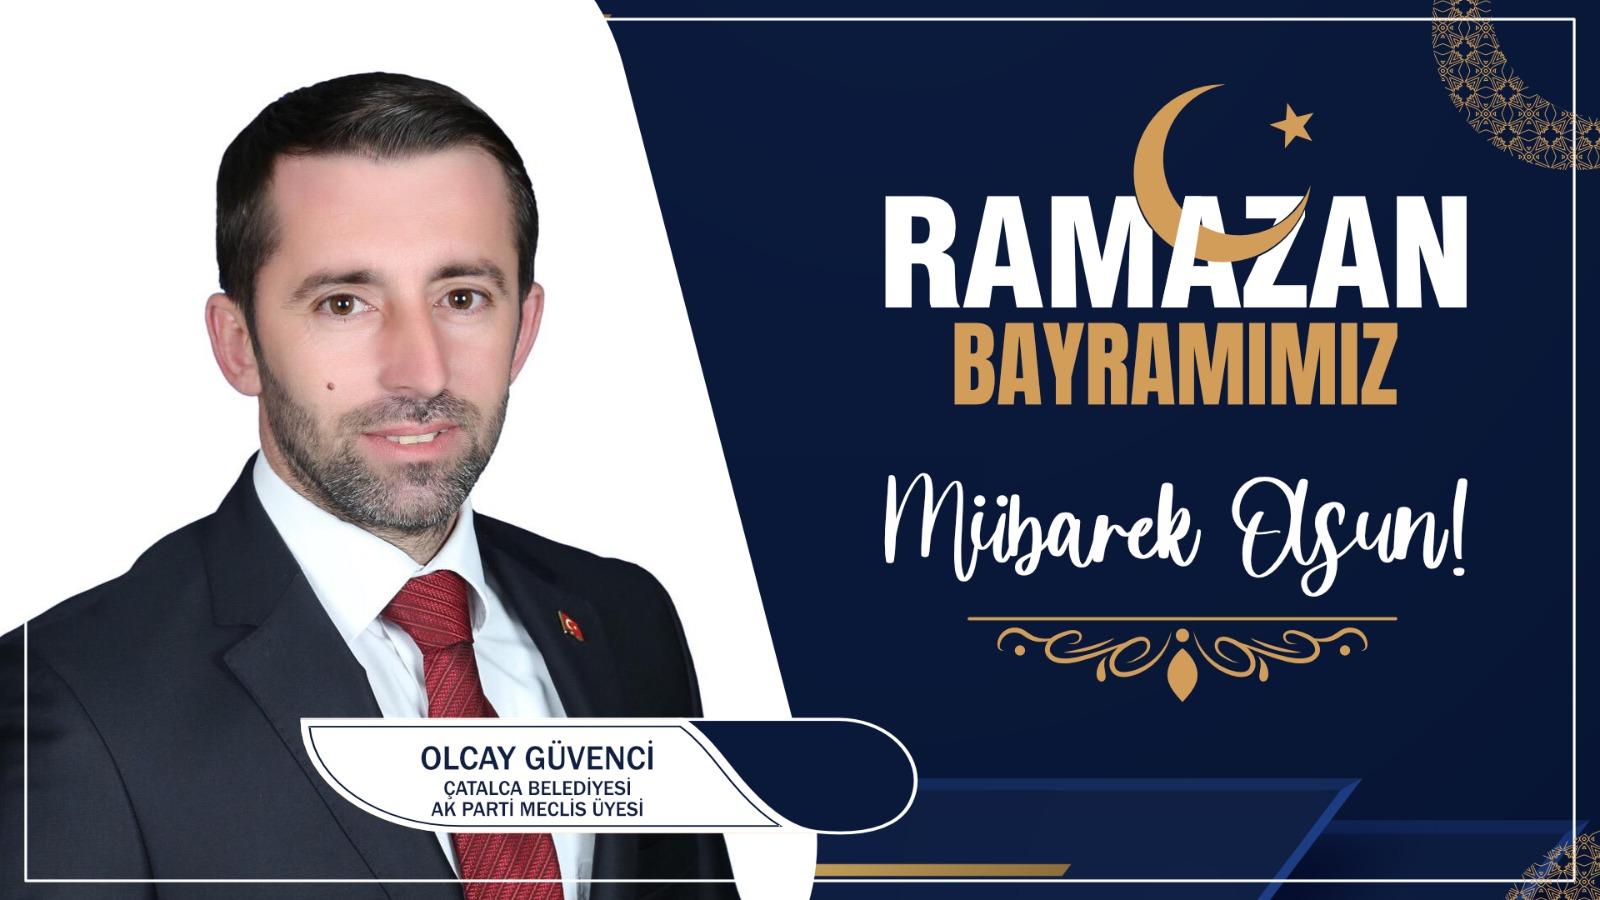 Olcay Güvenci'den Ramazan Bayramı Kutlama Mesajı